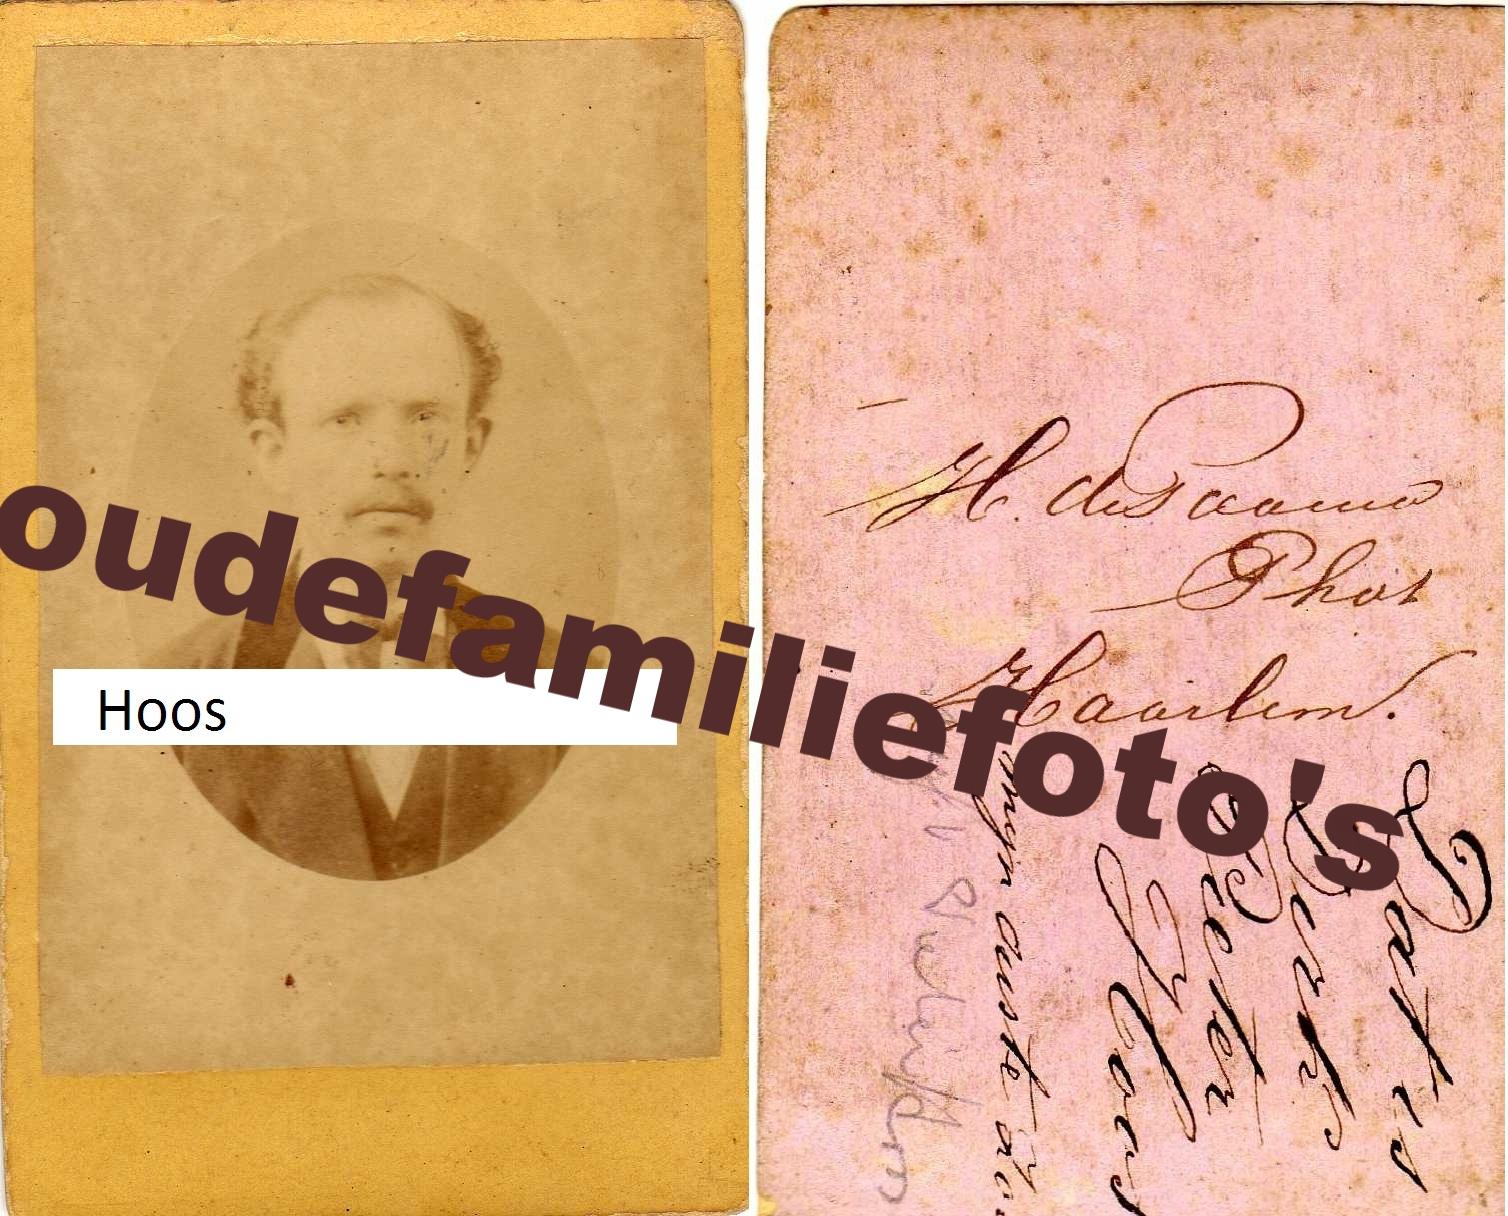 Hoos, Dirk Pieter. Geboren: 10-2-1841 Den-Haag getrouwd met Johanna Gerarda Jonkmans. zoon van Gerrit Hoos € Prijs in overleg